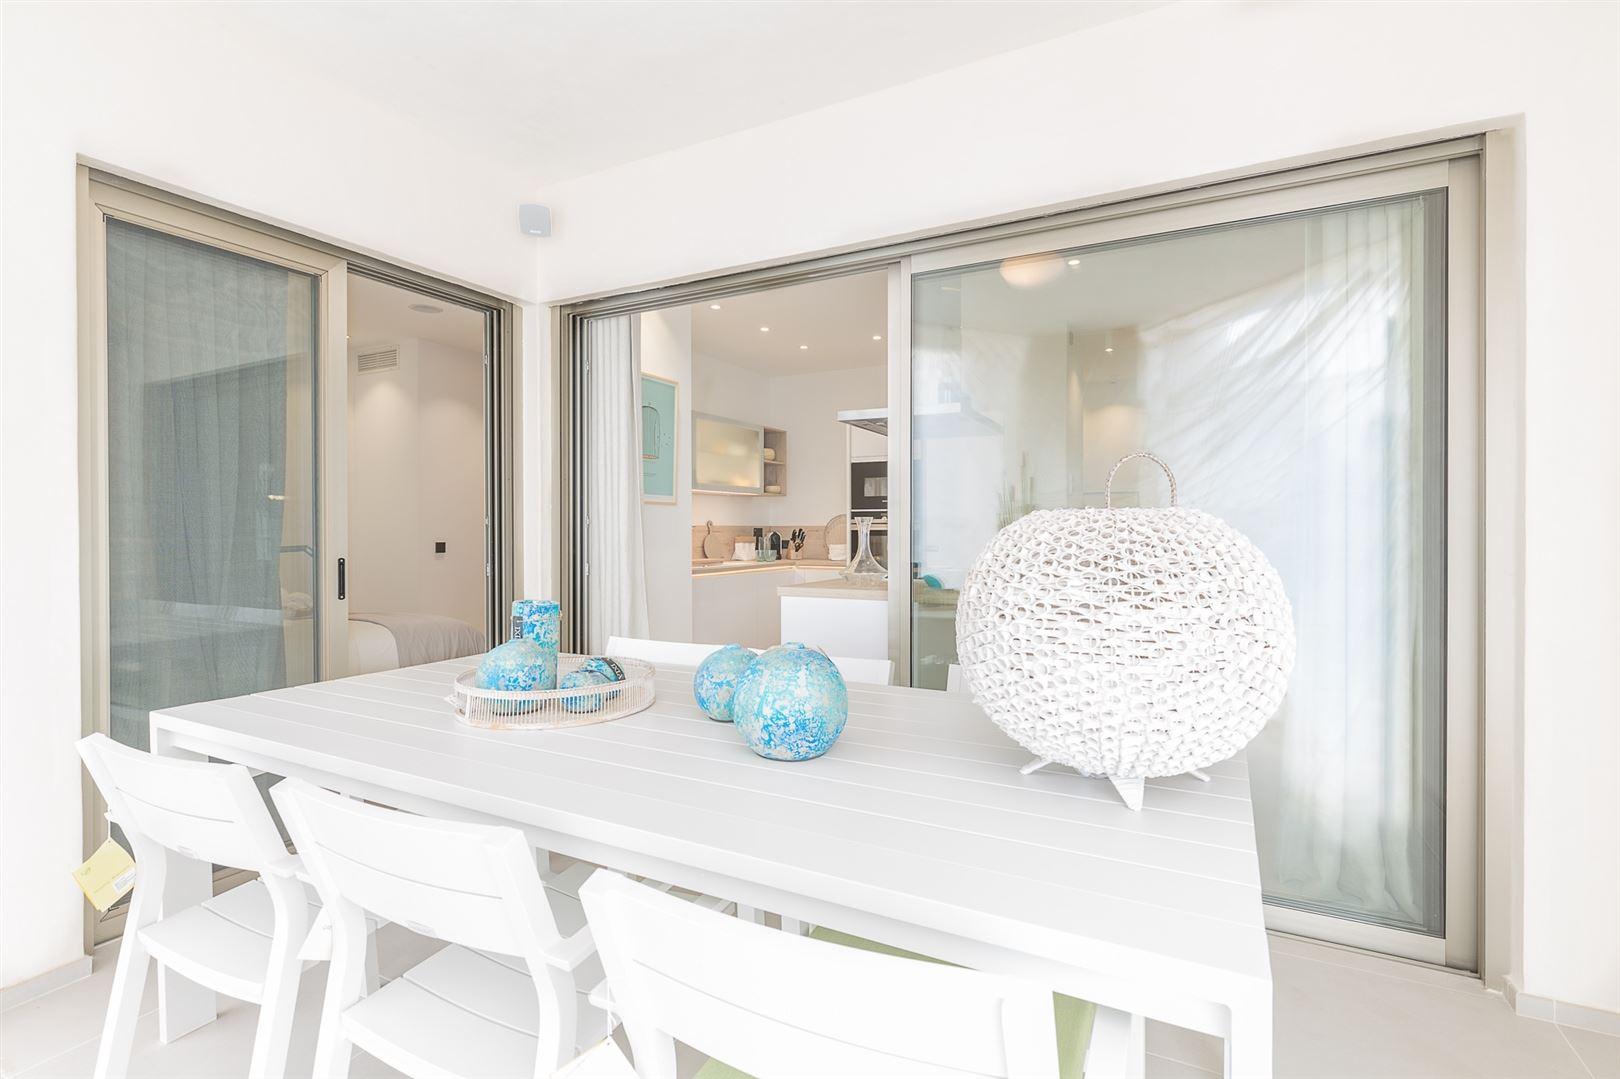 Foto 10 : Appartement te 38632 PALM MAR (Spanje) - Prijs € 450.000